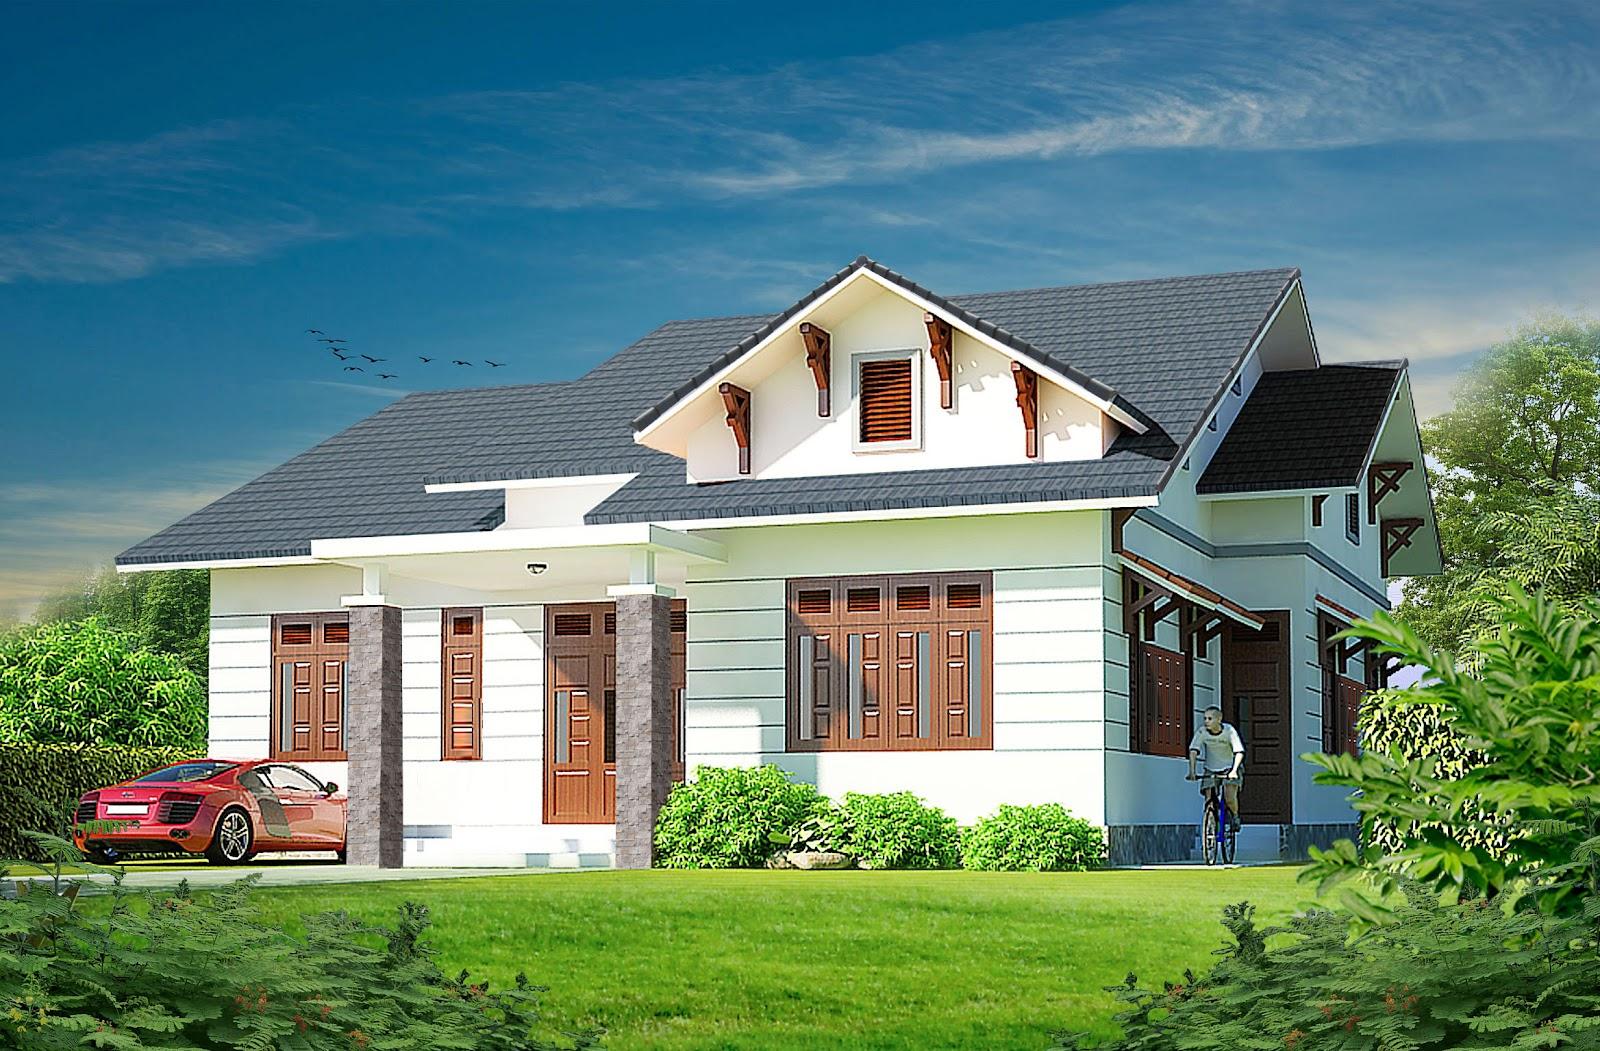 Sơn nhà loại nào tốt? Giúp căn nhà thêm hiện đại và tươi trẻ